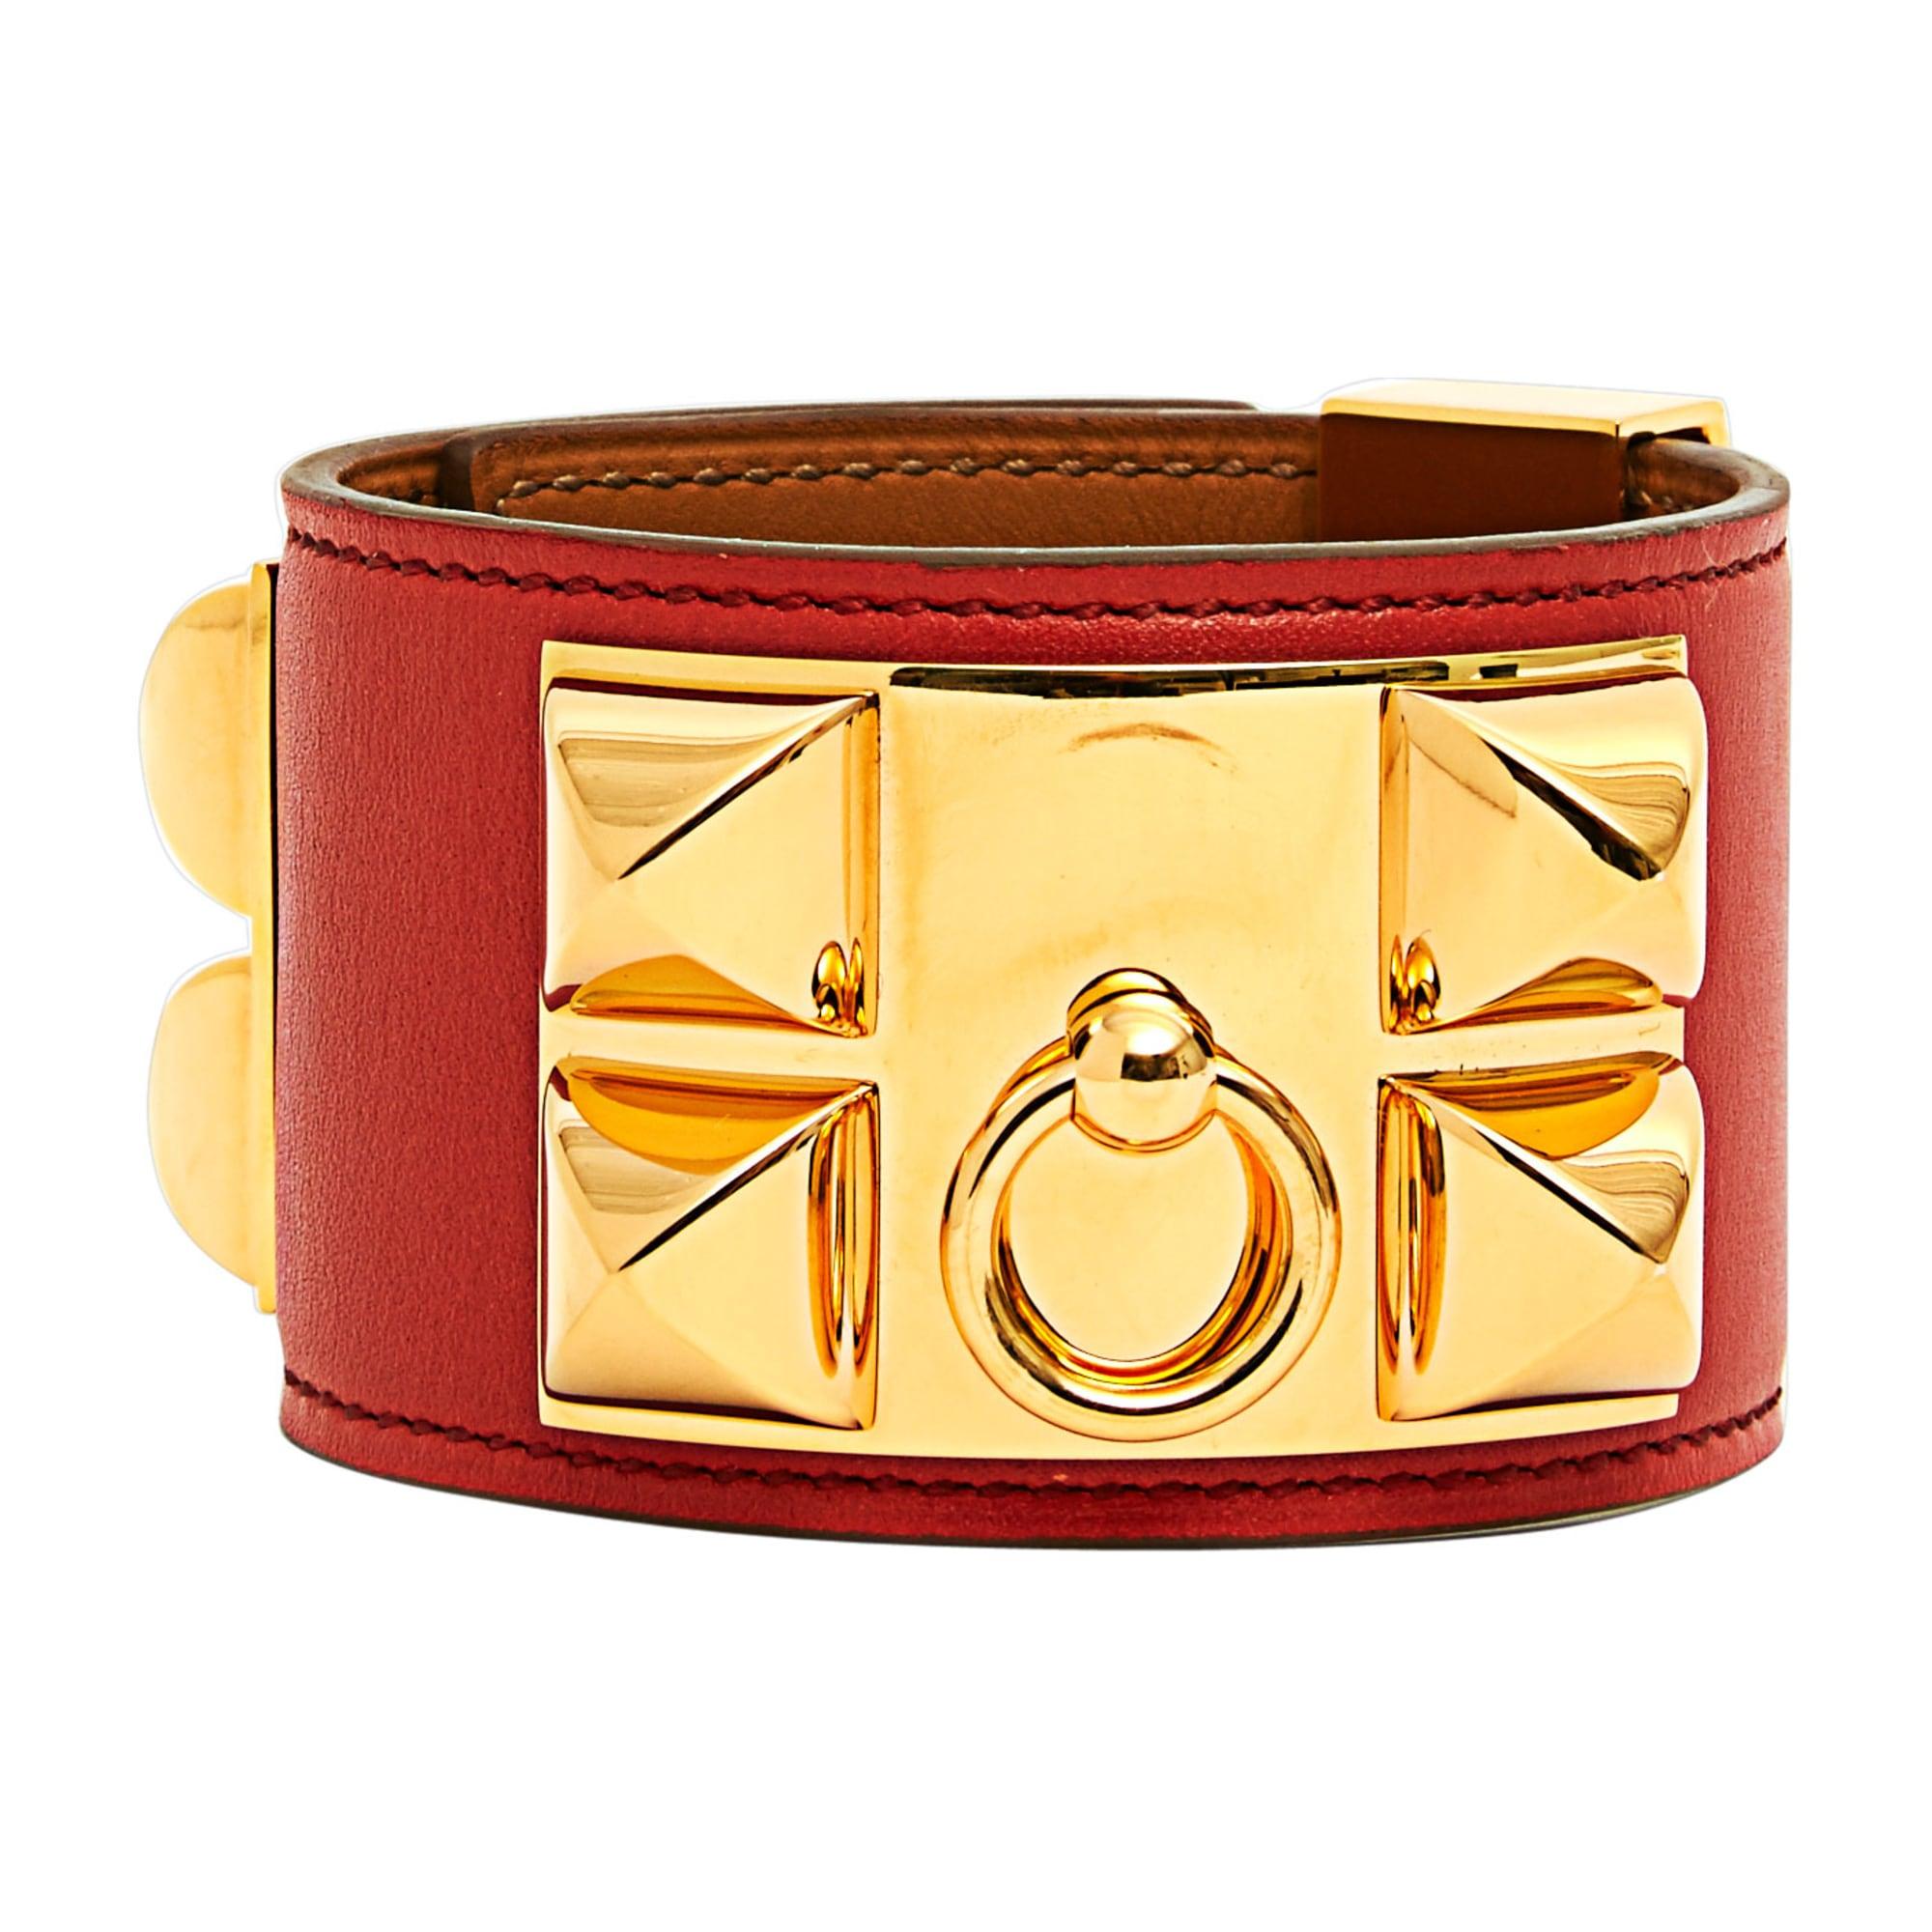 good bracelet chaîne dencre hermès en argent a6901 46401  usa bracelet  hermÈs collier de chien doré bronze cuivre a7cf6 aa07d edbb08e5557